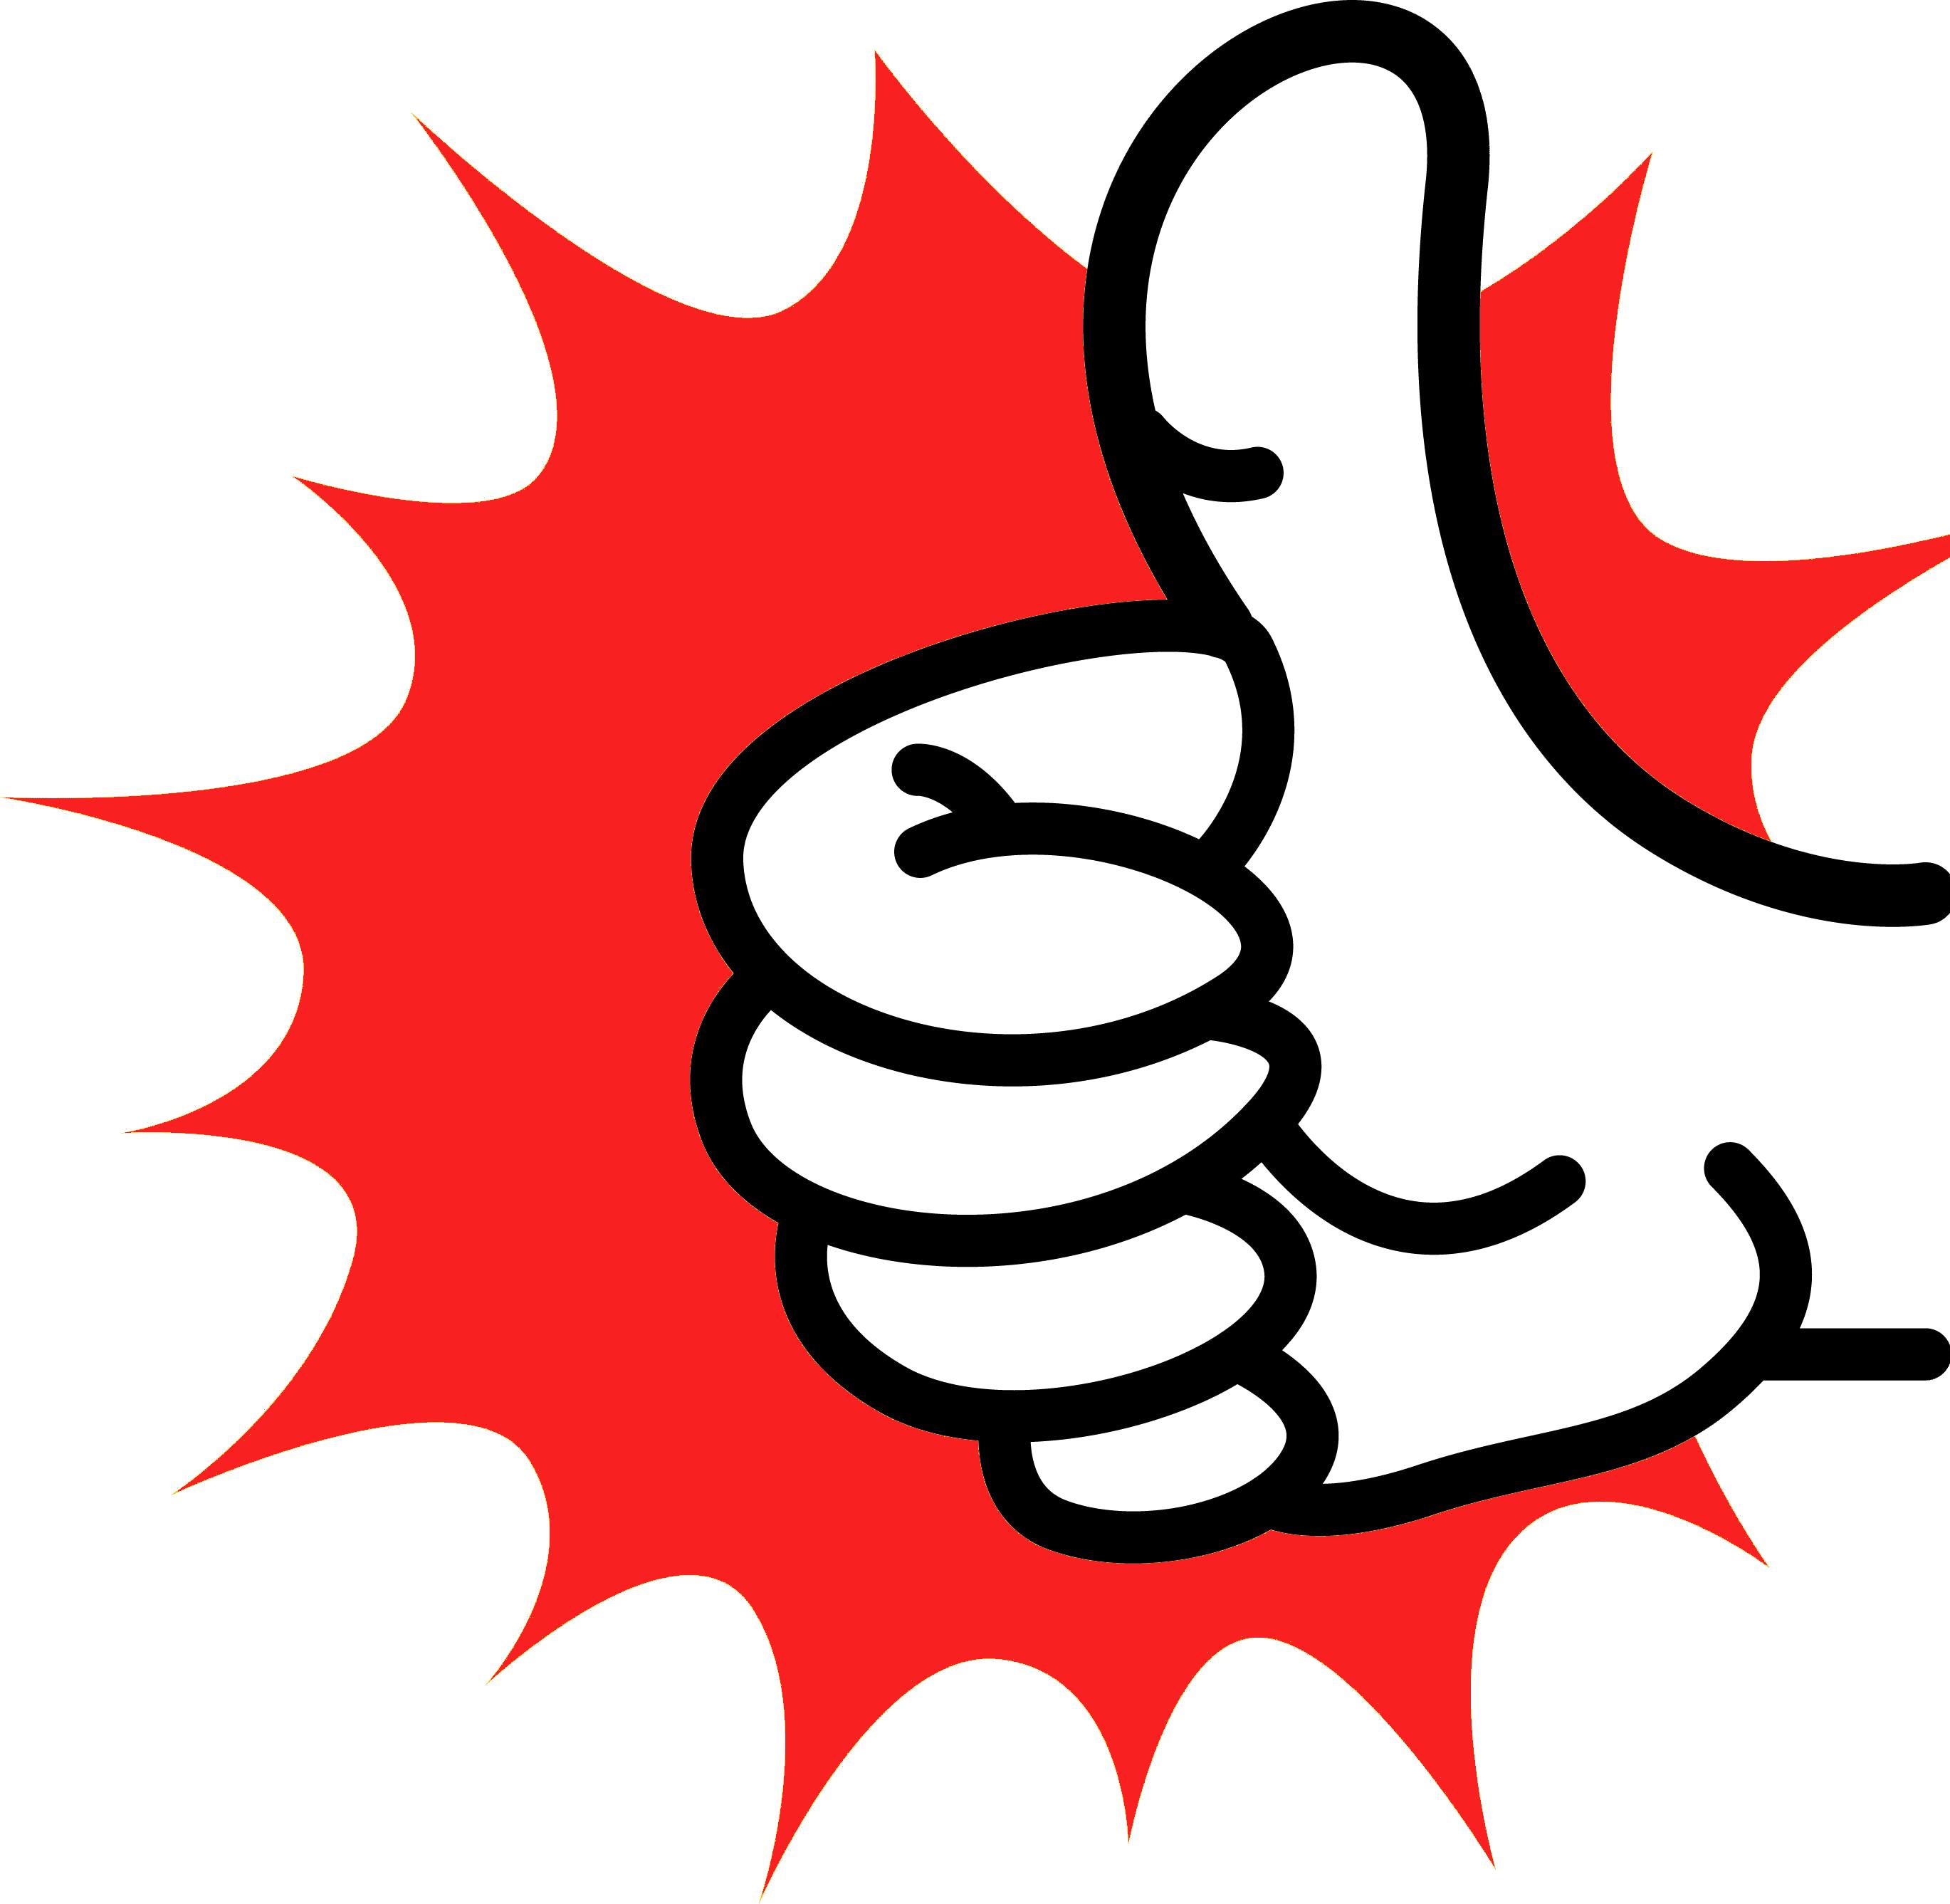 что-либо картинка знак здорово большой палец вверх жадина